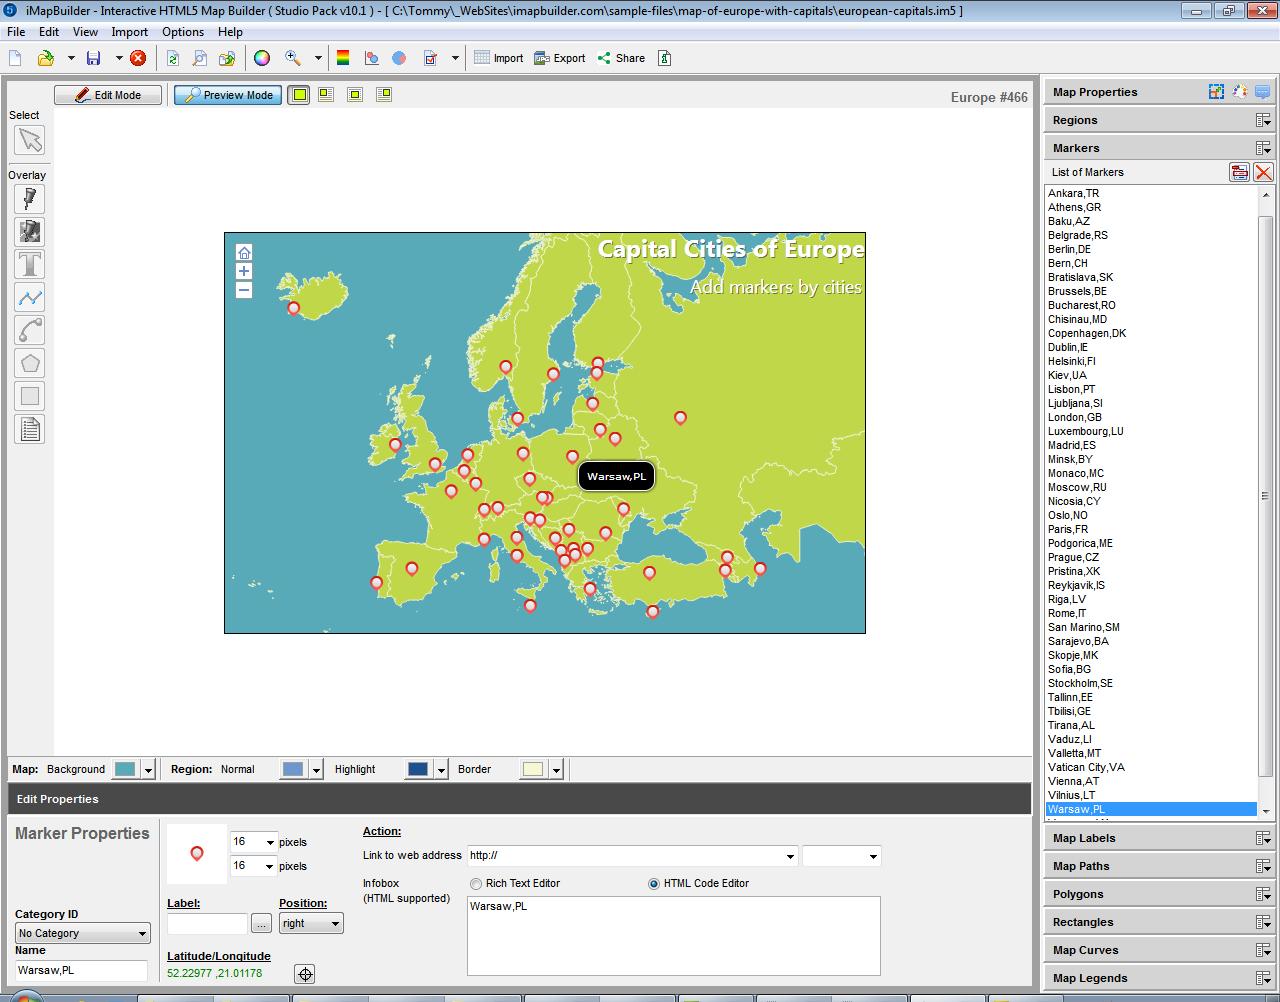 imapbuilder interactive html map builder screenshot presentation softwarescreenshot . imapbuilder interactive html map builder presentation software